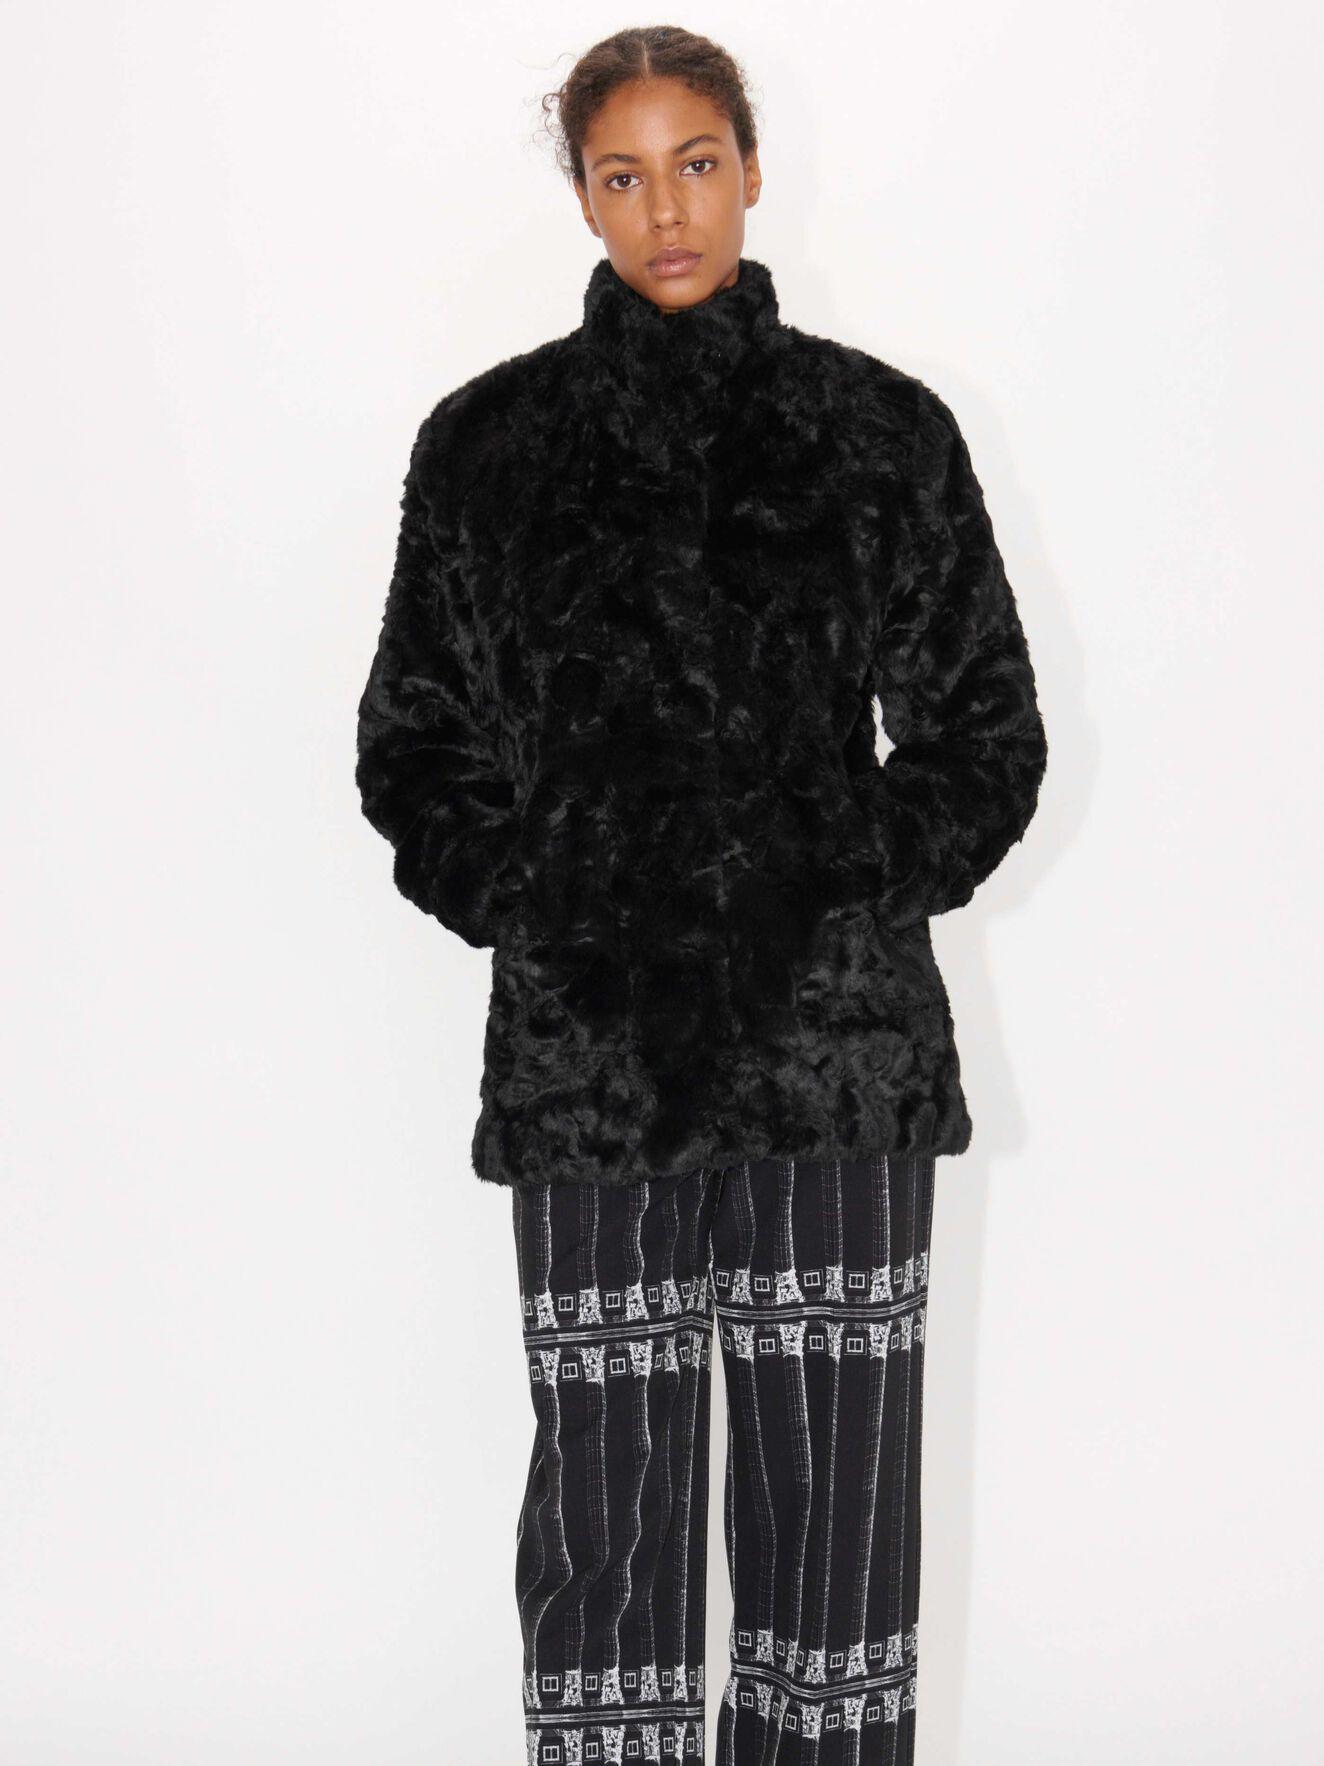 3c74653bbf3 Jeans - handla ytterkläder i Tiger of Swedens jeanskollektion